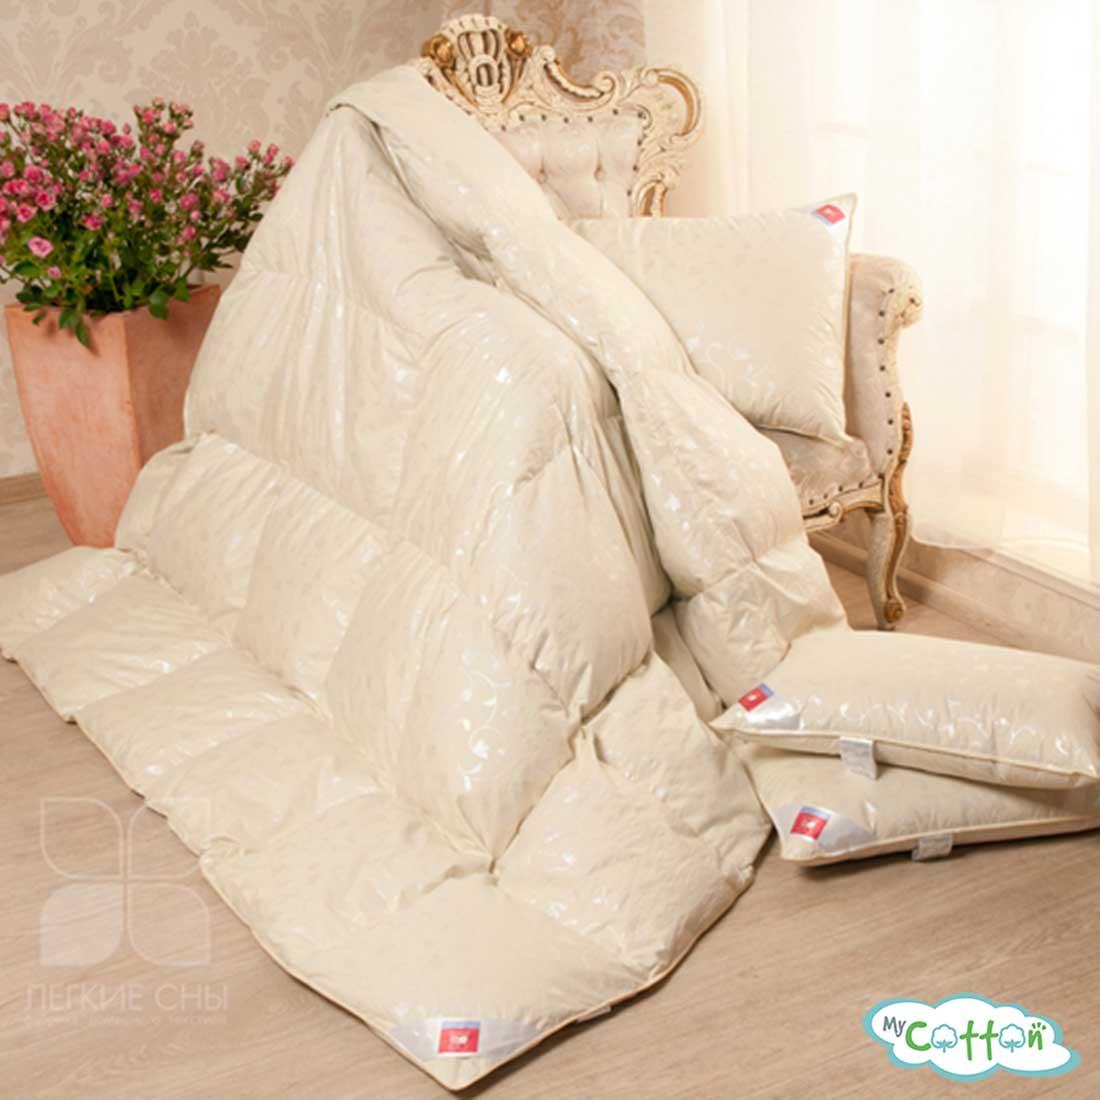 """Десткое одеяло касетное """"Камелия"""" от компании Легкие сны, теплое"""